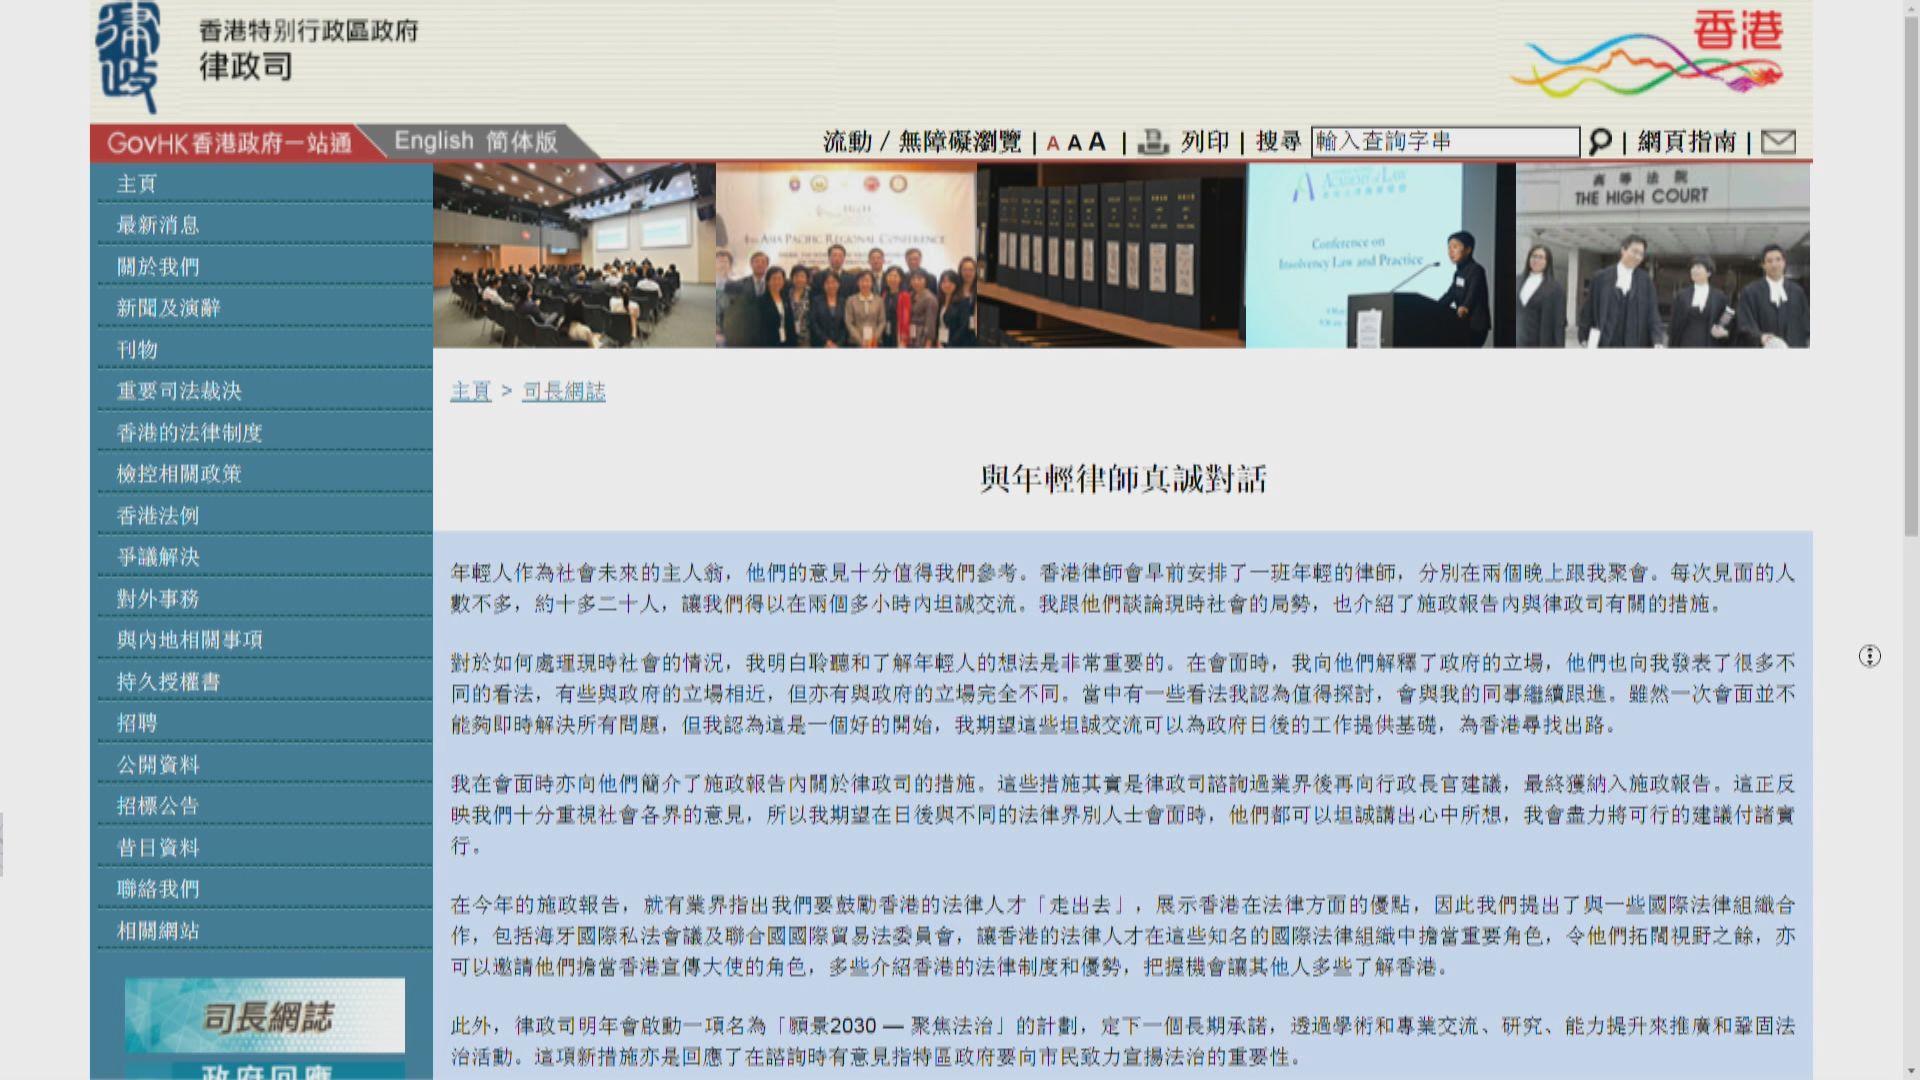 鄭若驊與年輕律師會面談論社會局勢